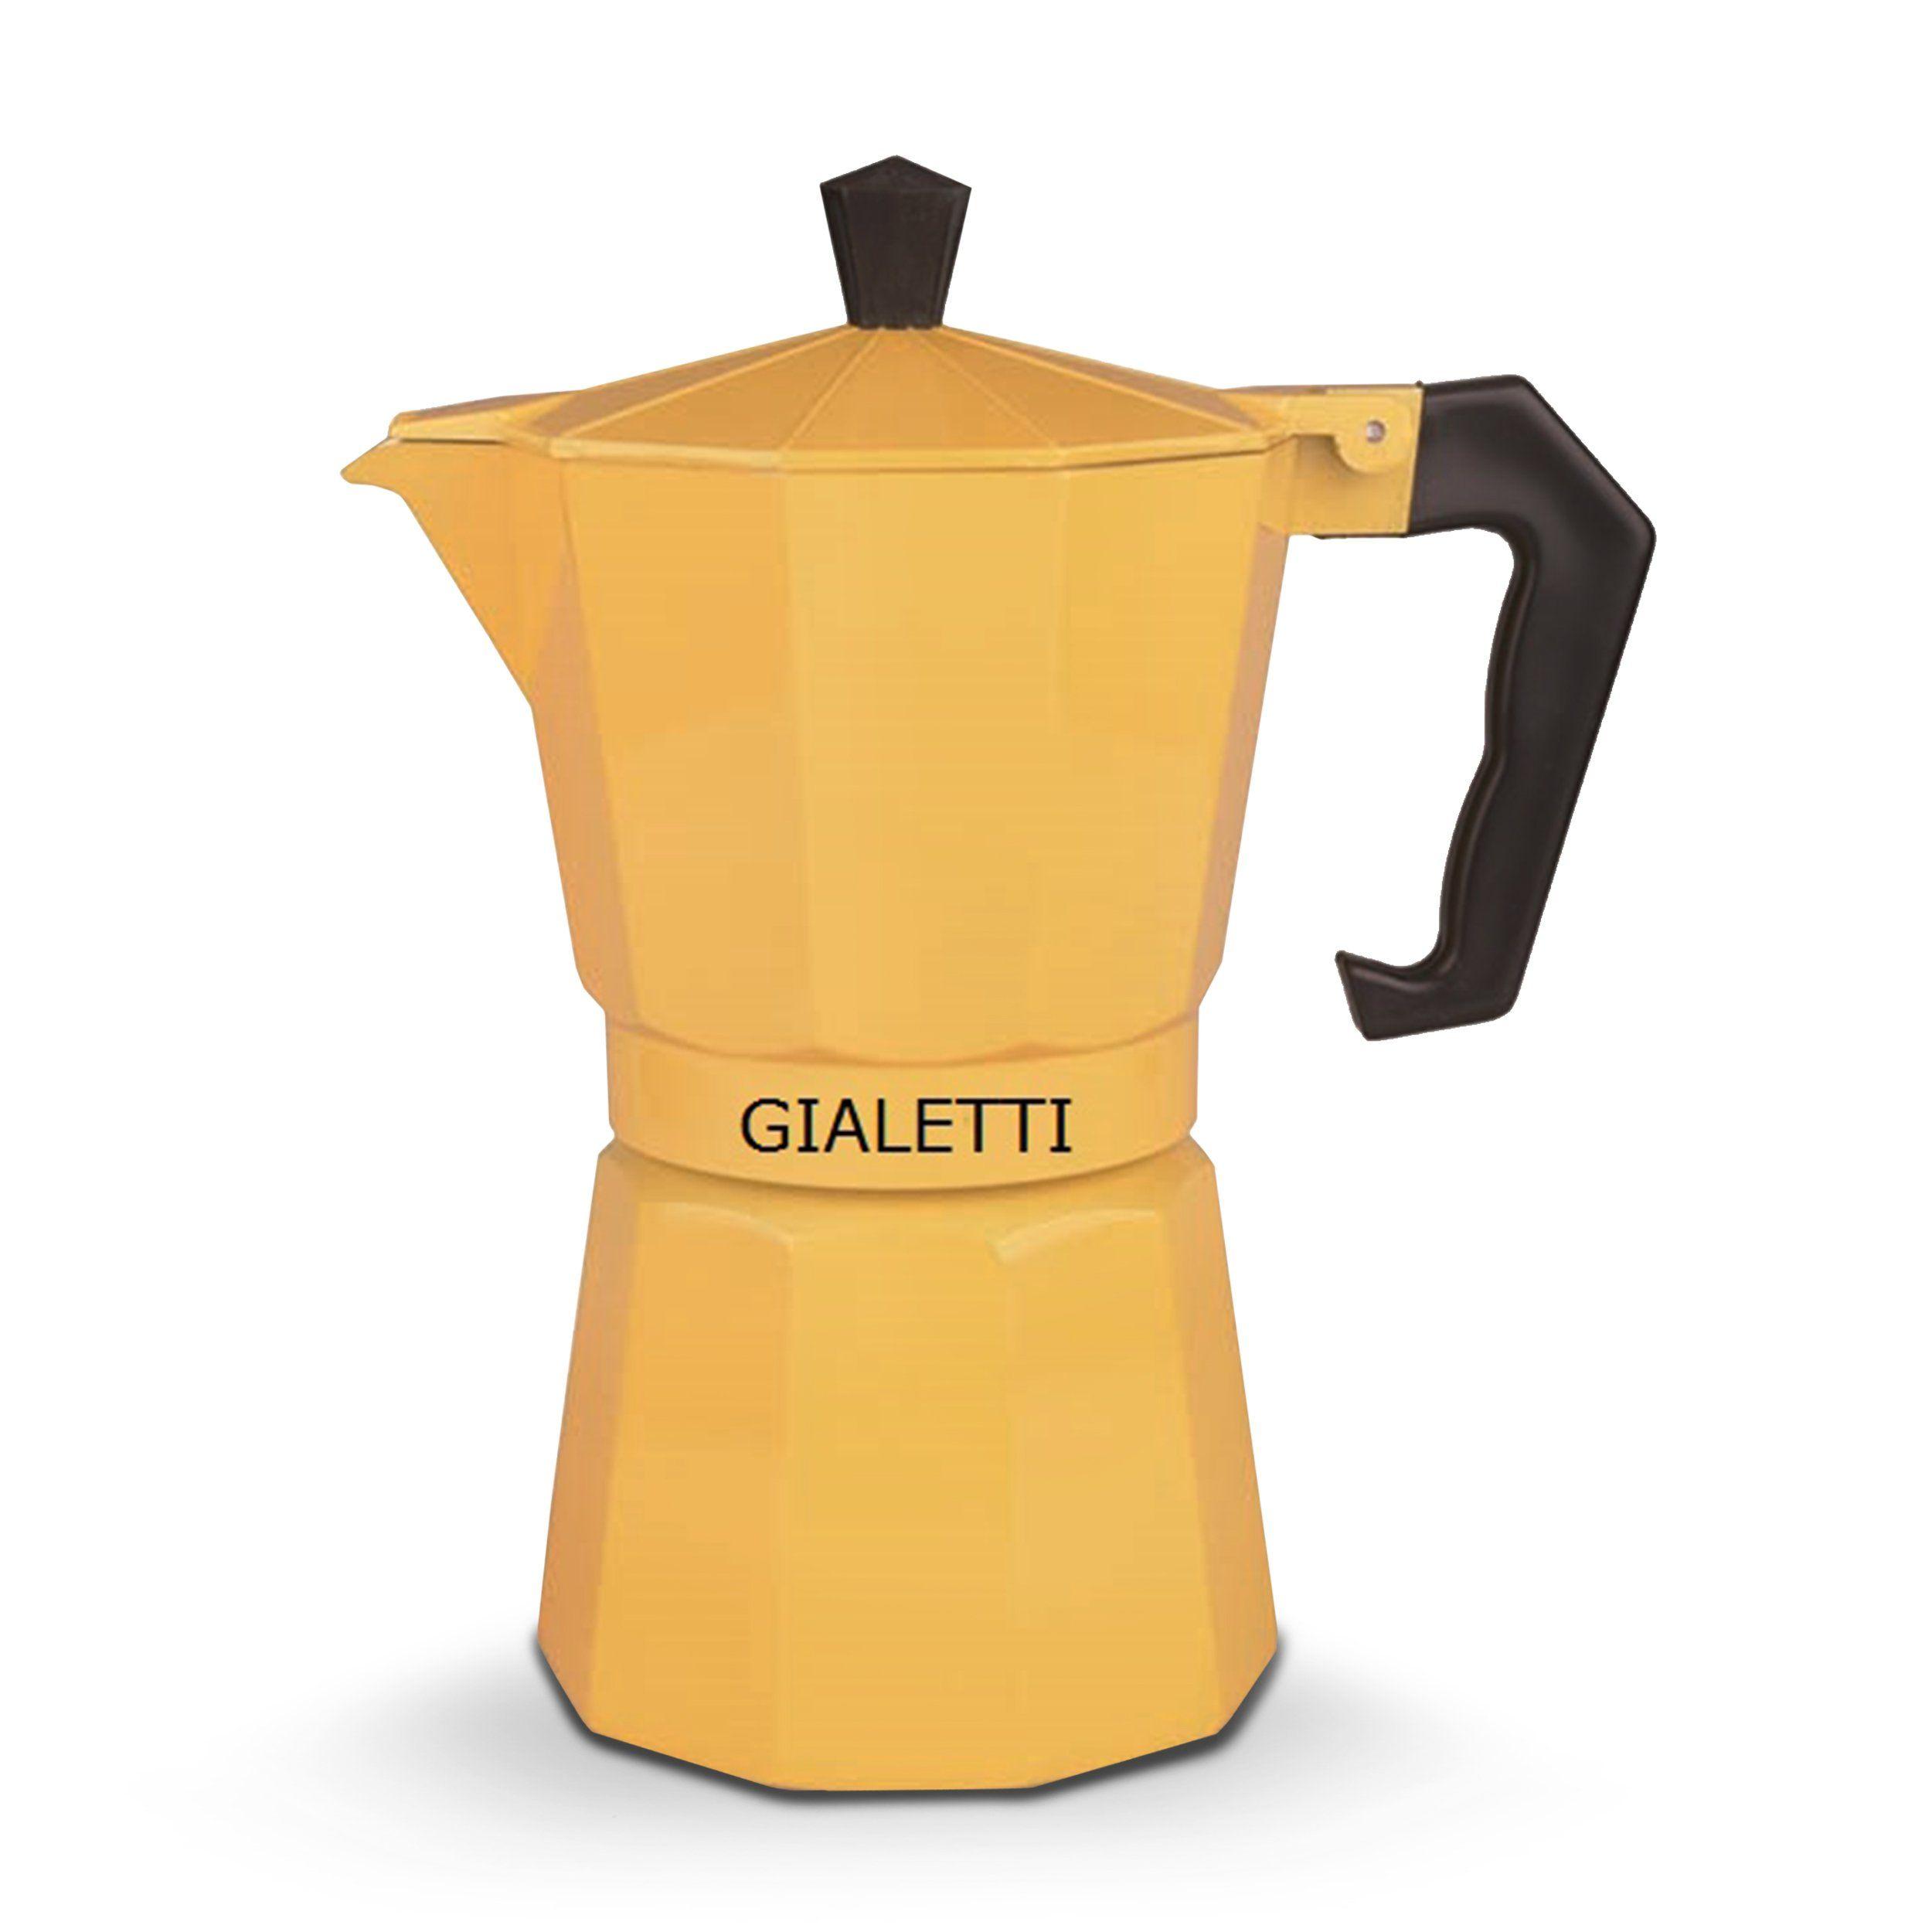 Gialetti Stovetop Espresso Pot 6 Espresso